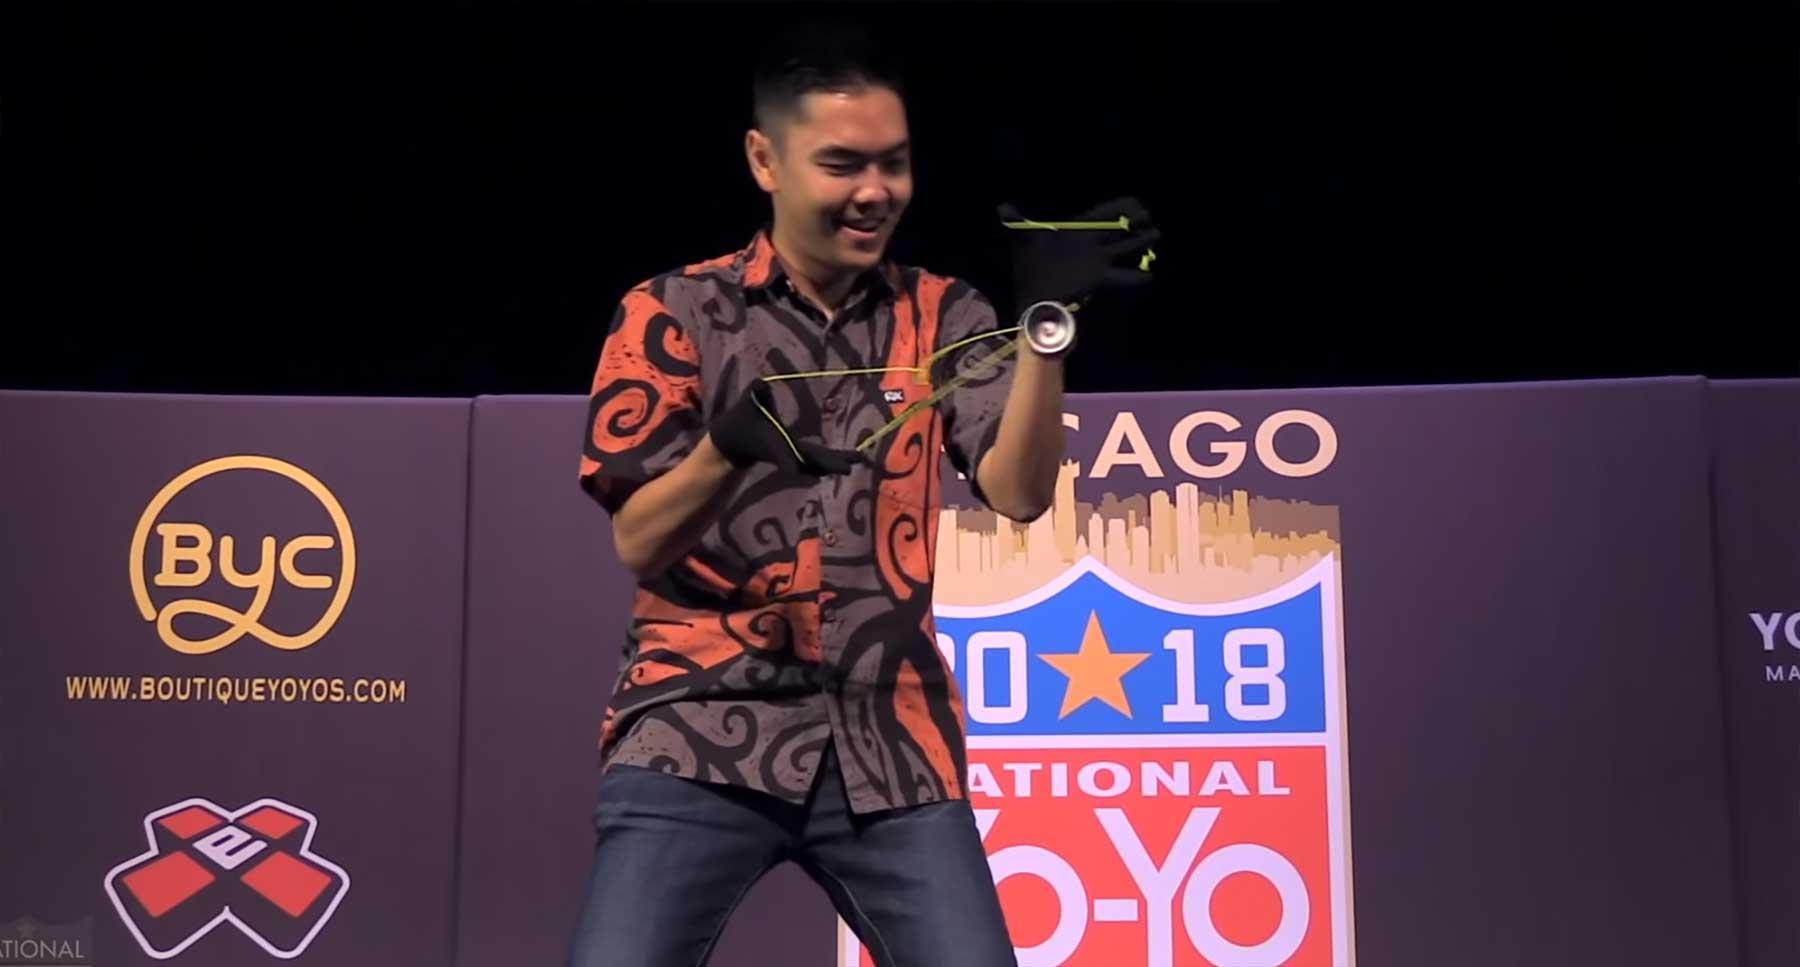 Evan Nagaos Gewinnerlauf bei den Jojo-Meisterschaften 2018